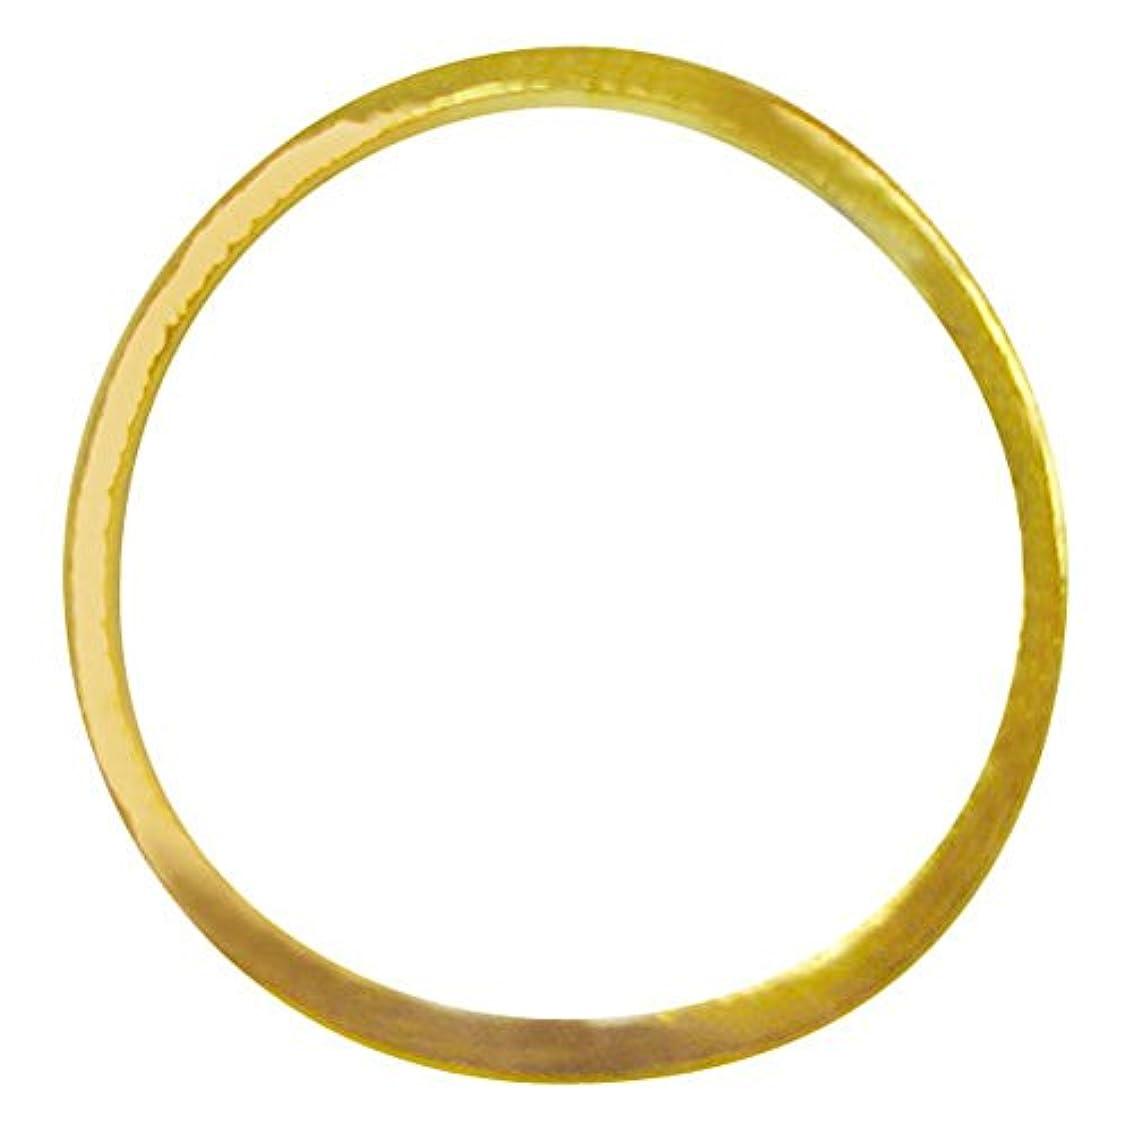 圧倒的オーバーフローまとめるジェルネイル  サンシャインベビー シンプル ラウンドフレームL(ゴールド) 10P